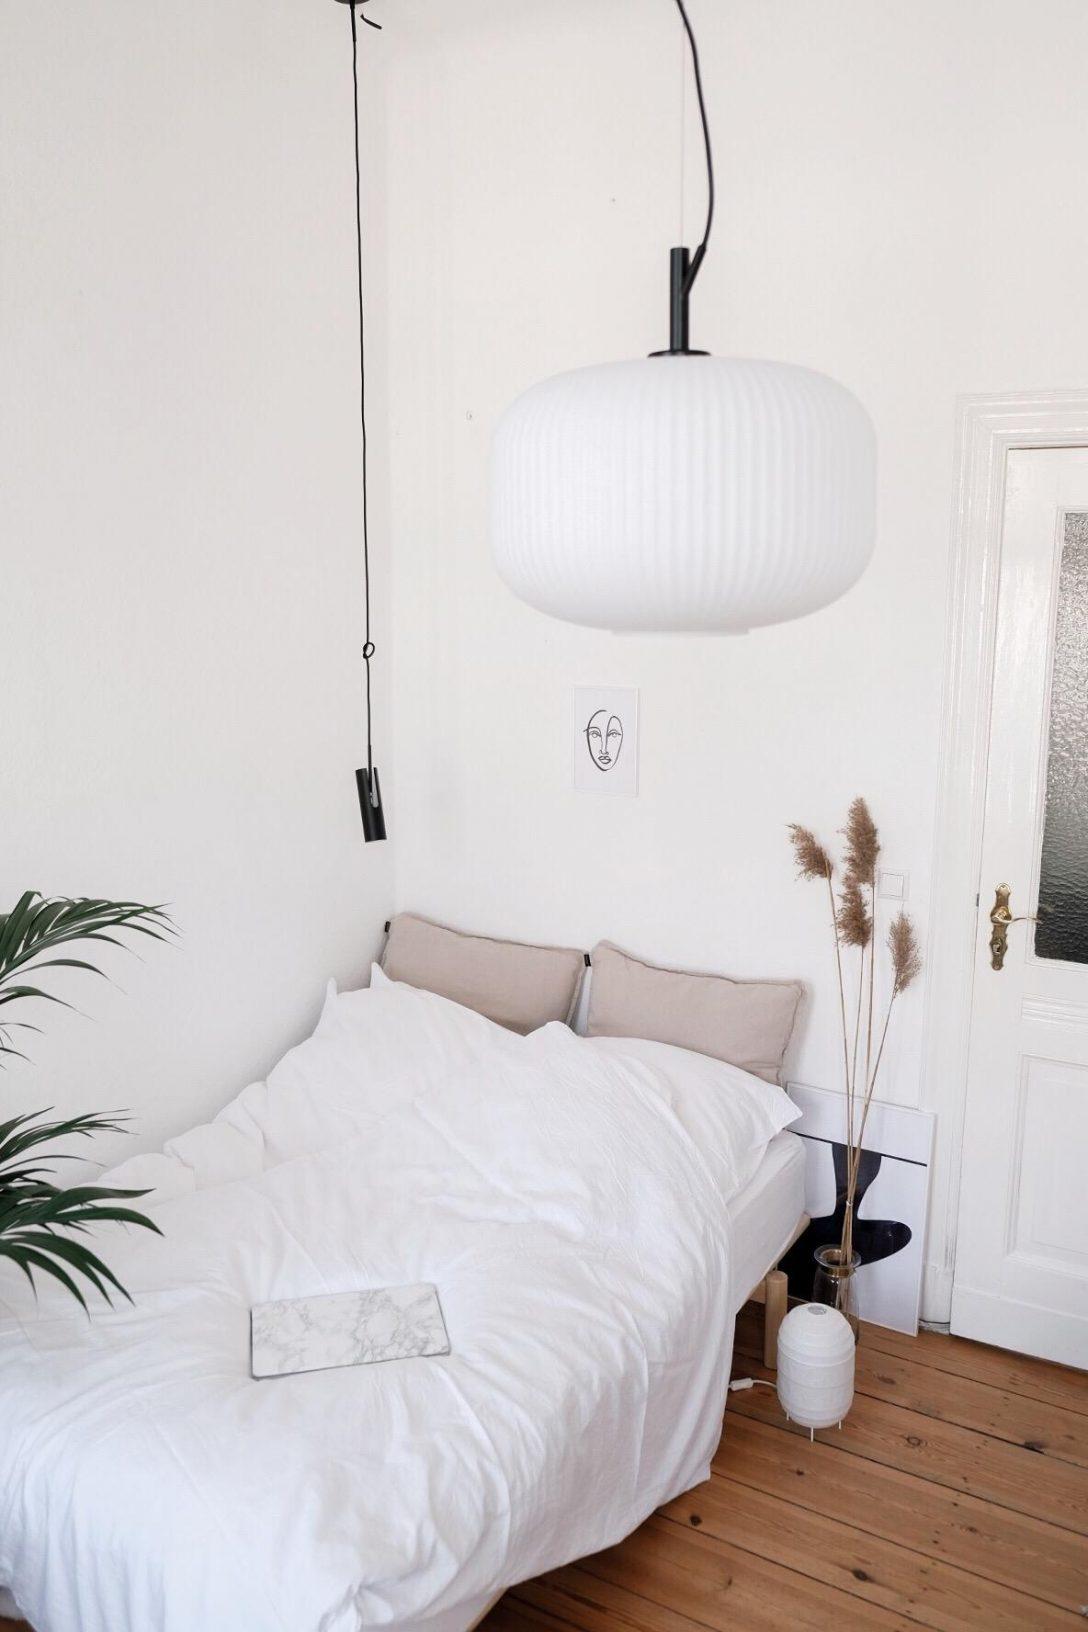 Large Size of Schlafzimmer Lampen Deckenleuchten Tipps Und Wohnideen Aus Der Community Stehlampen Wohnzimmer Bad Wandbilder Wiemann Günstige Sessel Deckenlampe Komplett Mit Wohnzimmer Schlafzimmer Lampen